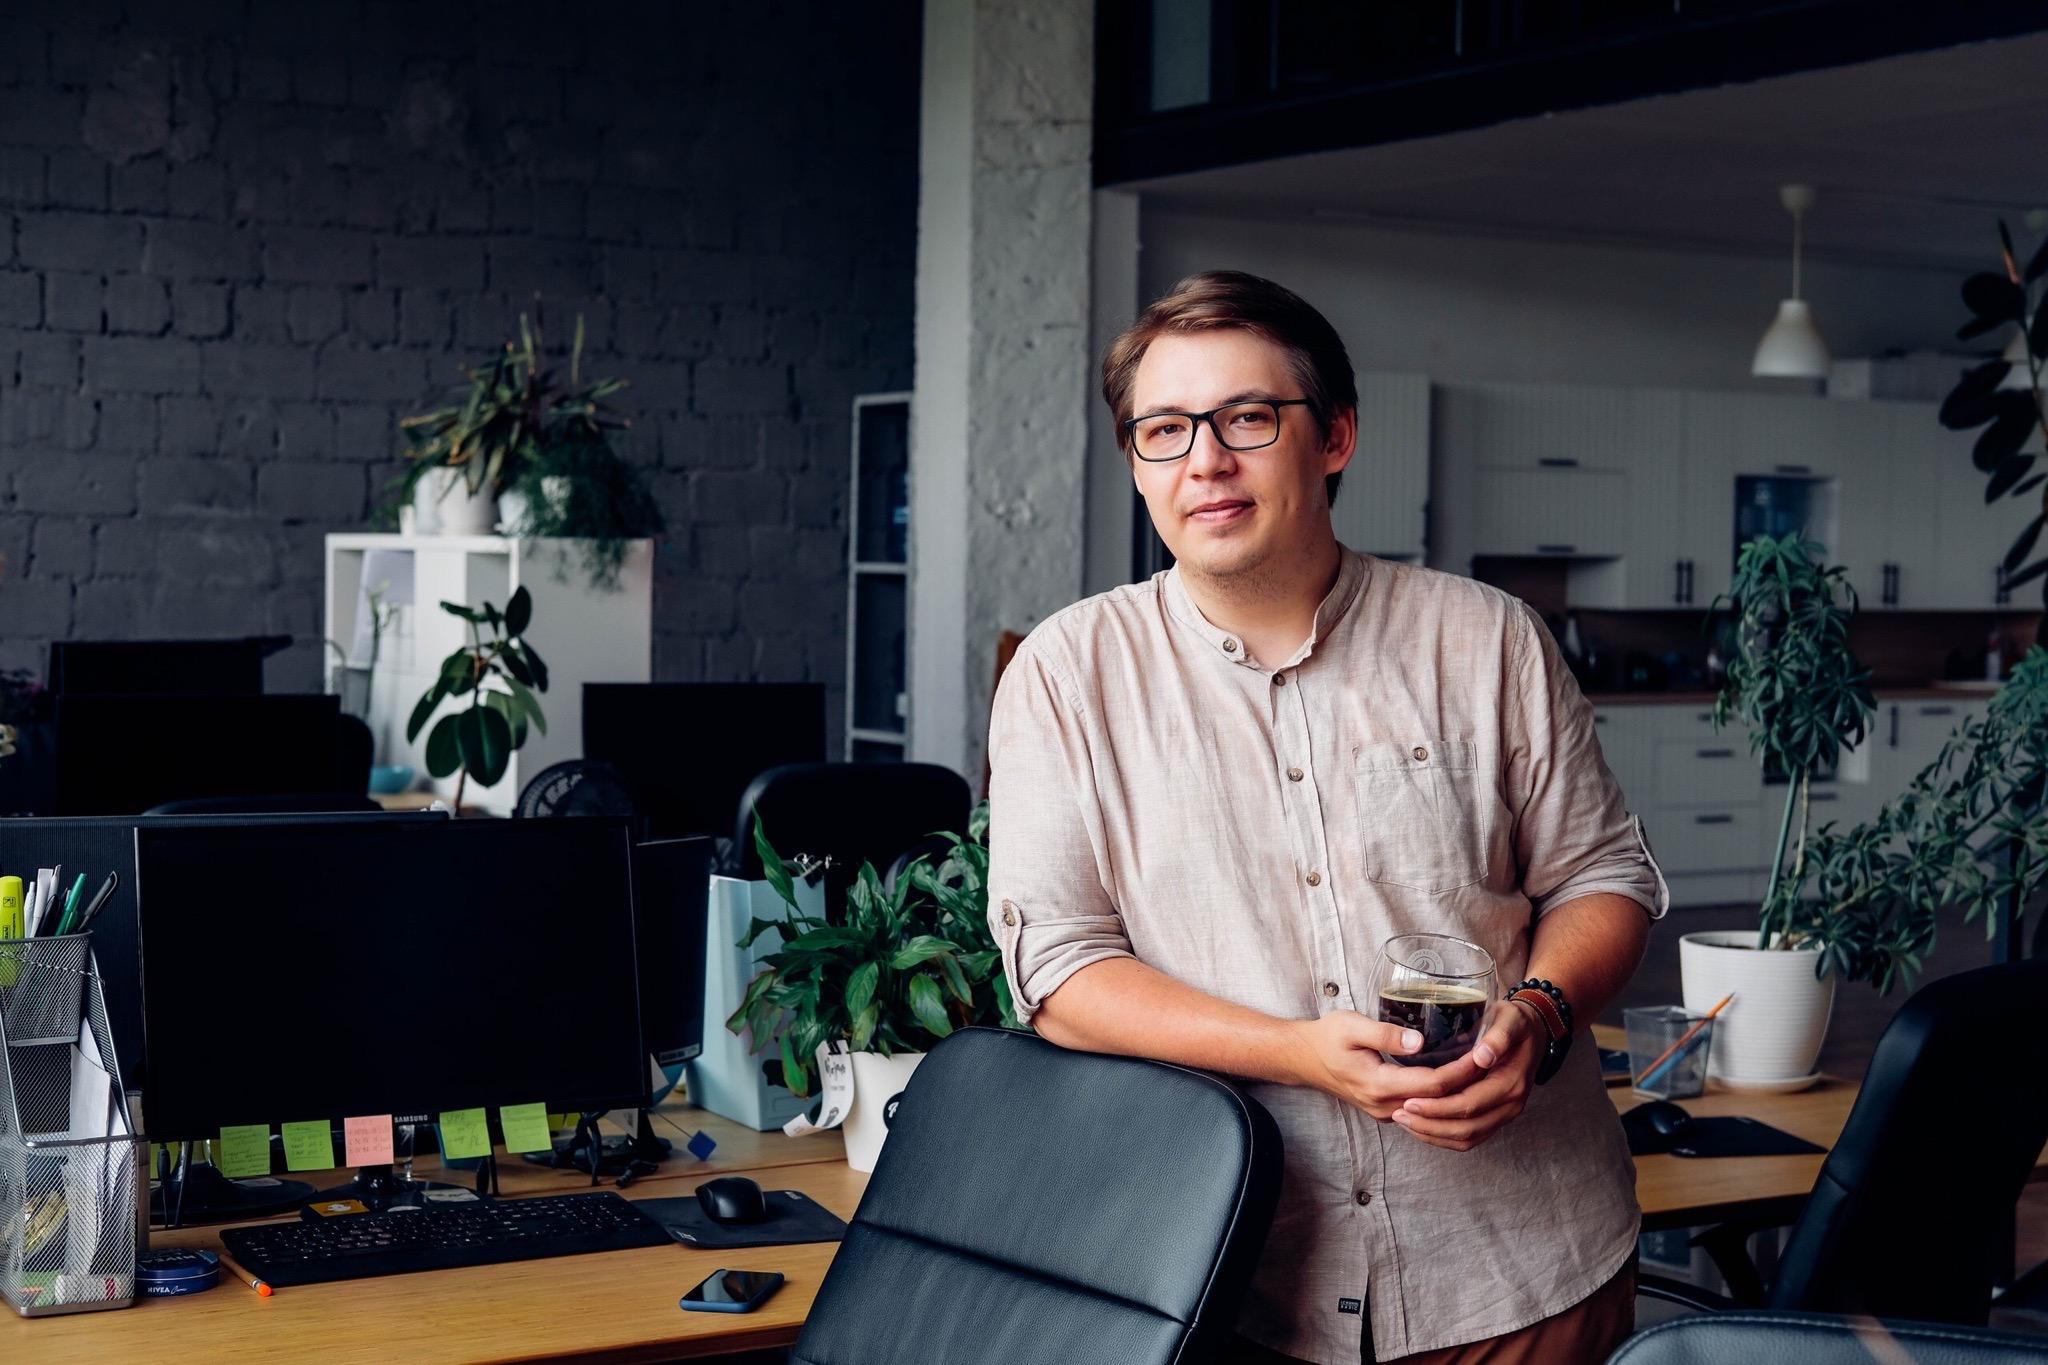 SMMщик Андрей Иванов считает, что аудитория соцсети будет элитарной только на старте проекта